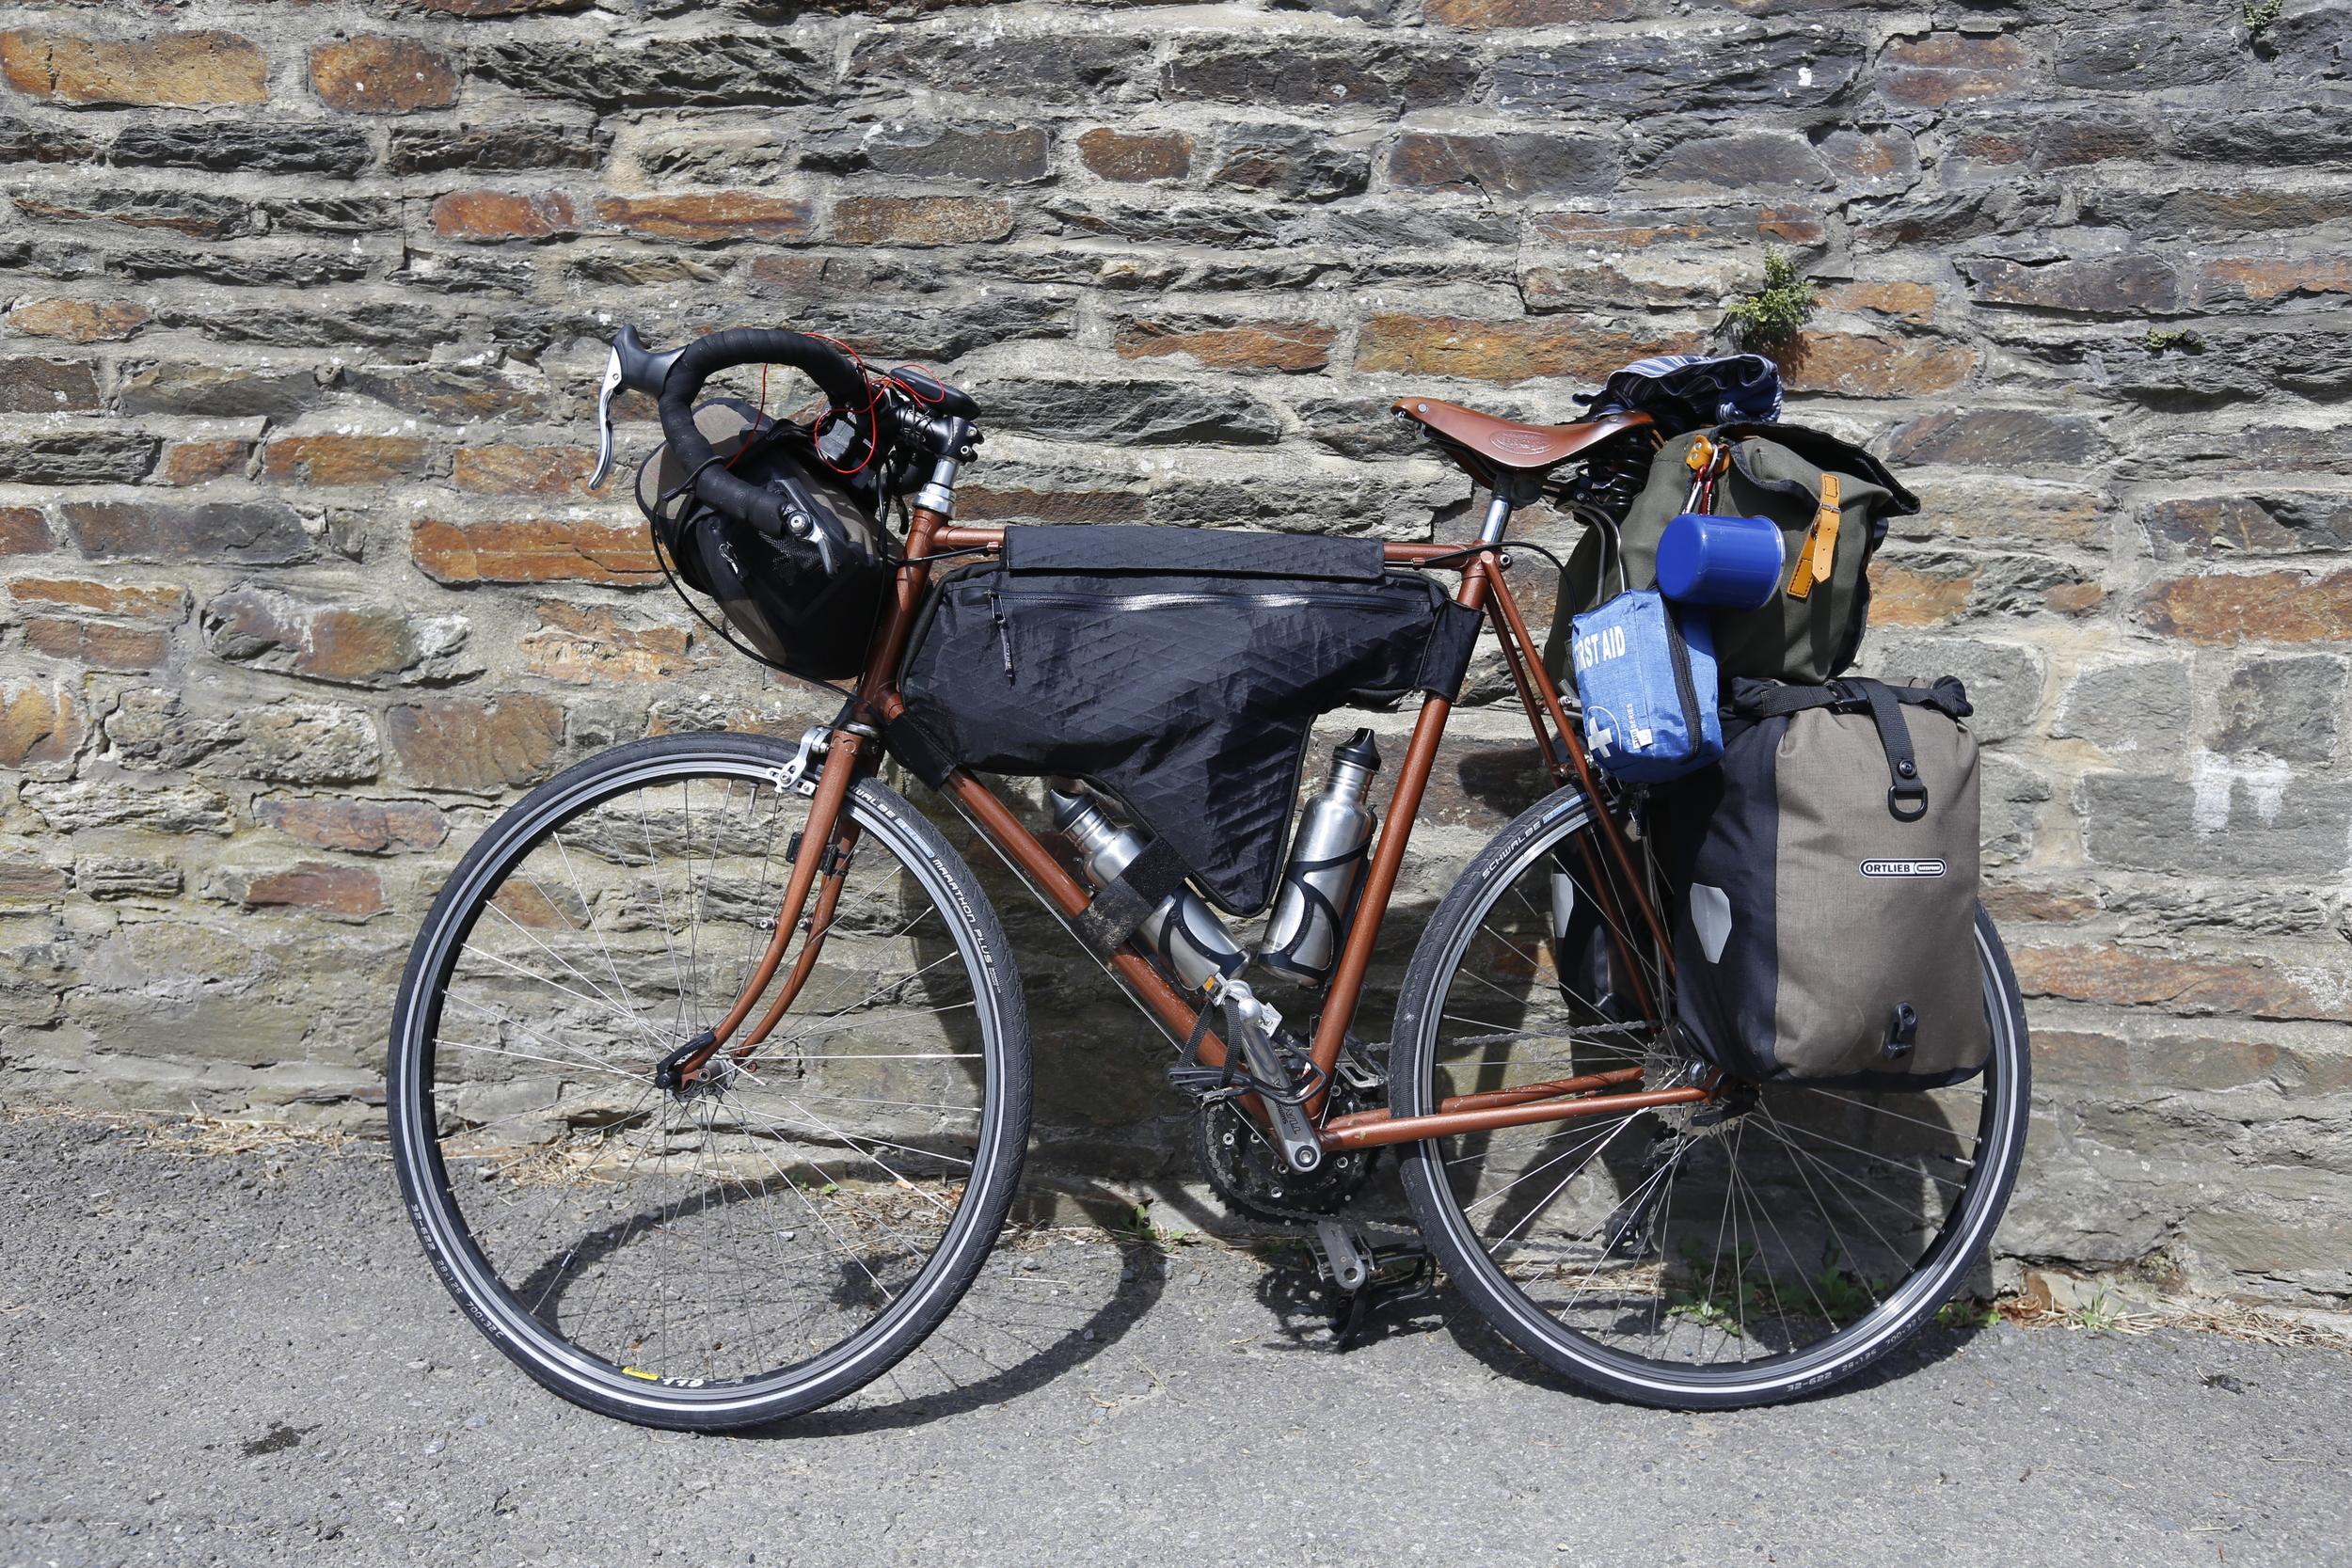 raleigh, raleigh bikes, raleigh racing bike, raleigh tourer, raleigh touring bike, custom, custom touring bike, travel, travel blog, bikepacking bike, bikepacking set up, bikepacking gear, wildcat, wildcat gear, carradie, ortlieb, schwalbe,